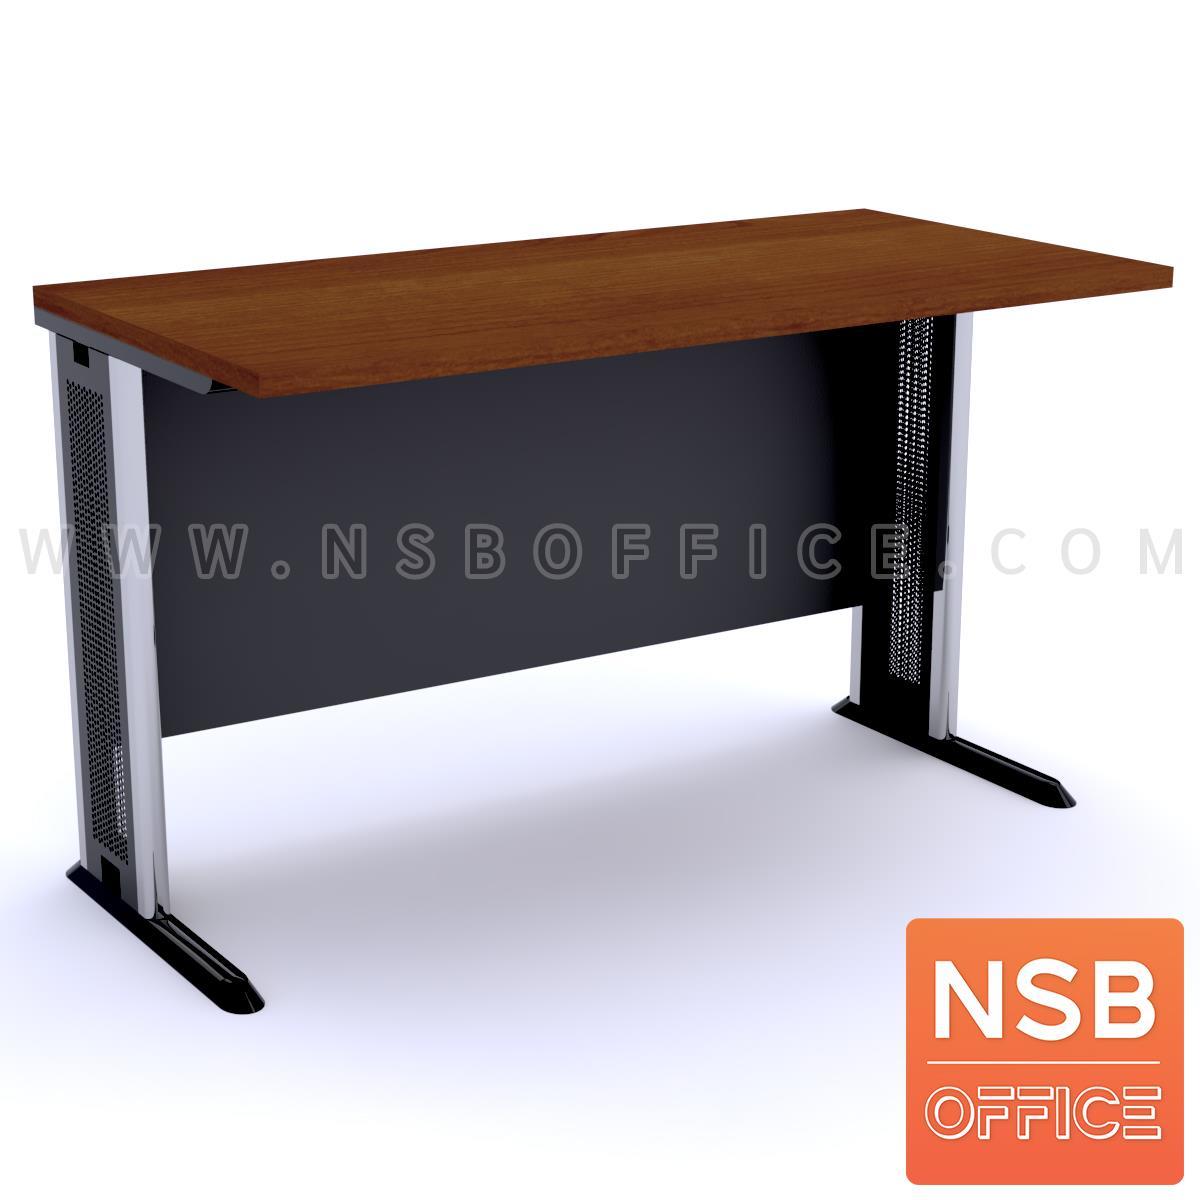 A10A046:โต๊ะทำงาน บังโป๊ไม้  ขนาด 80W-180W (60D, 75D, 80D) cm. ขาเหล็กตัวแอล